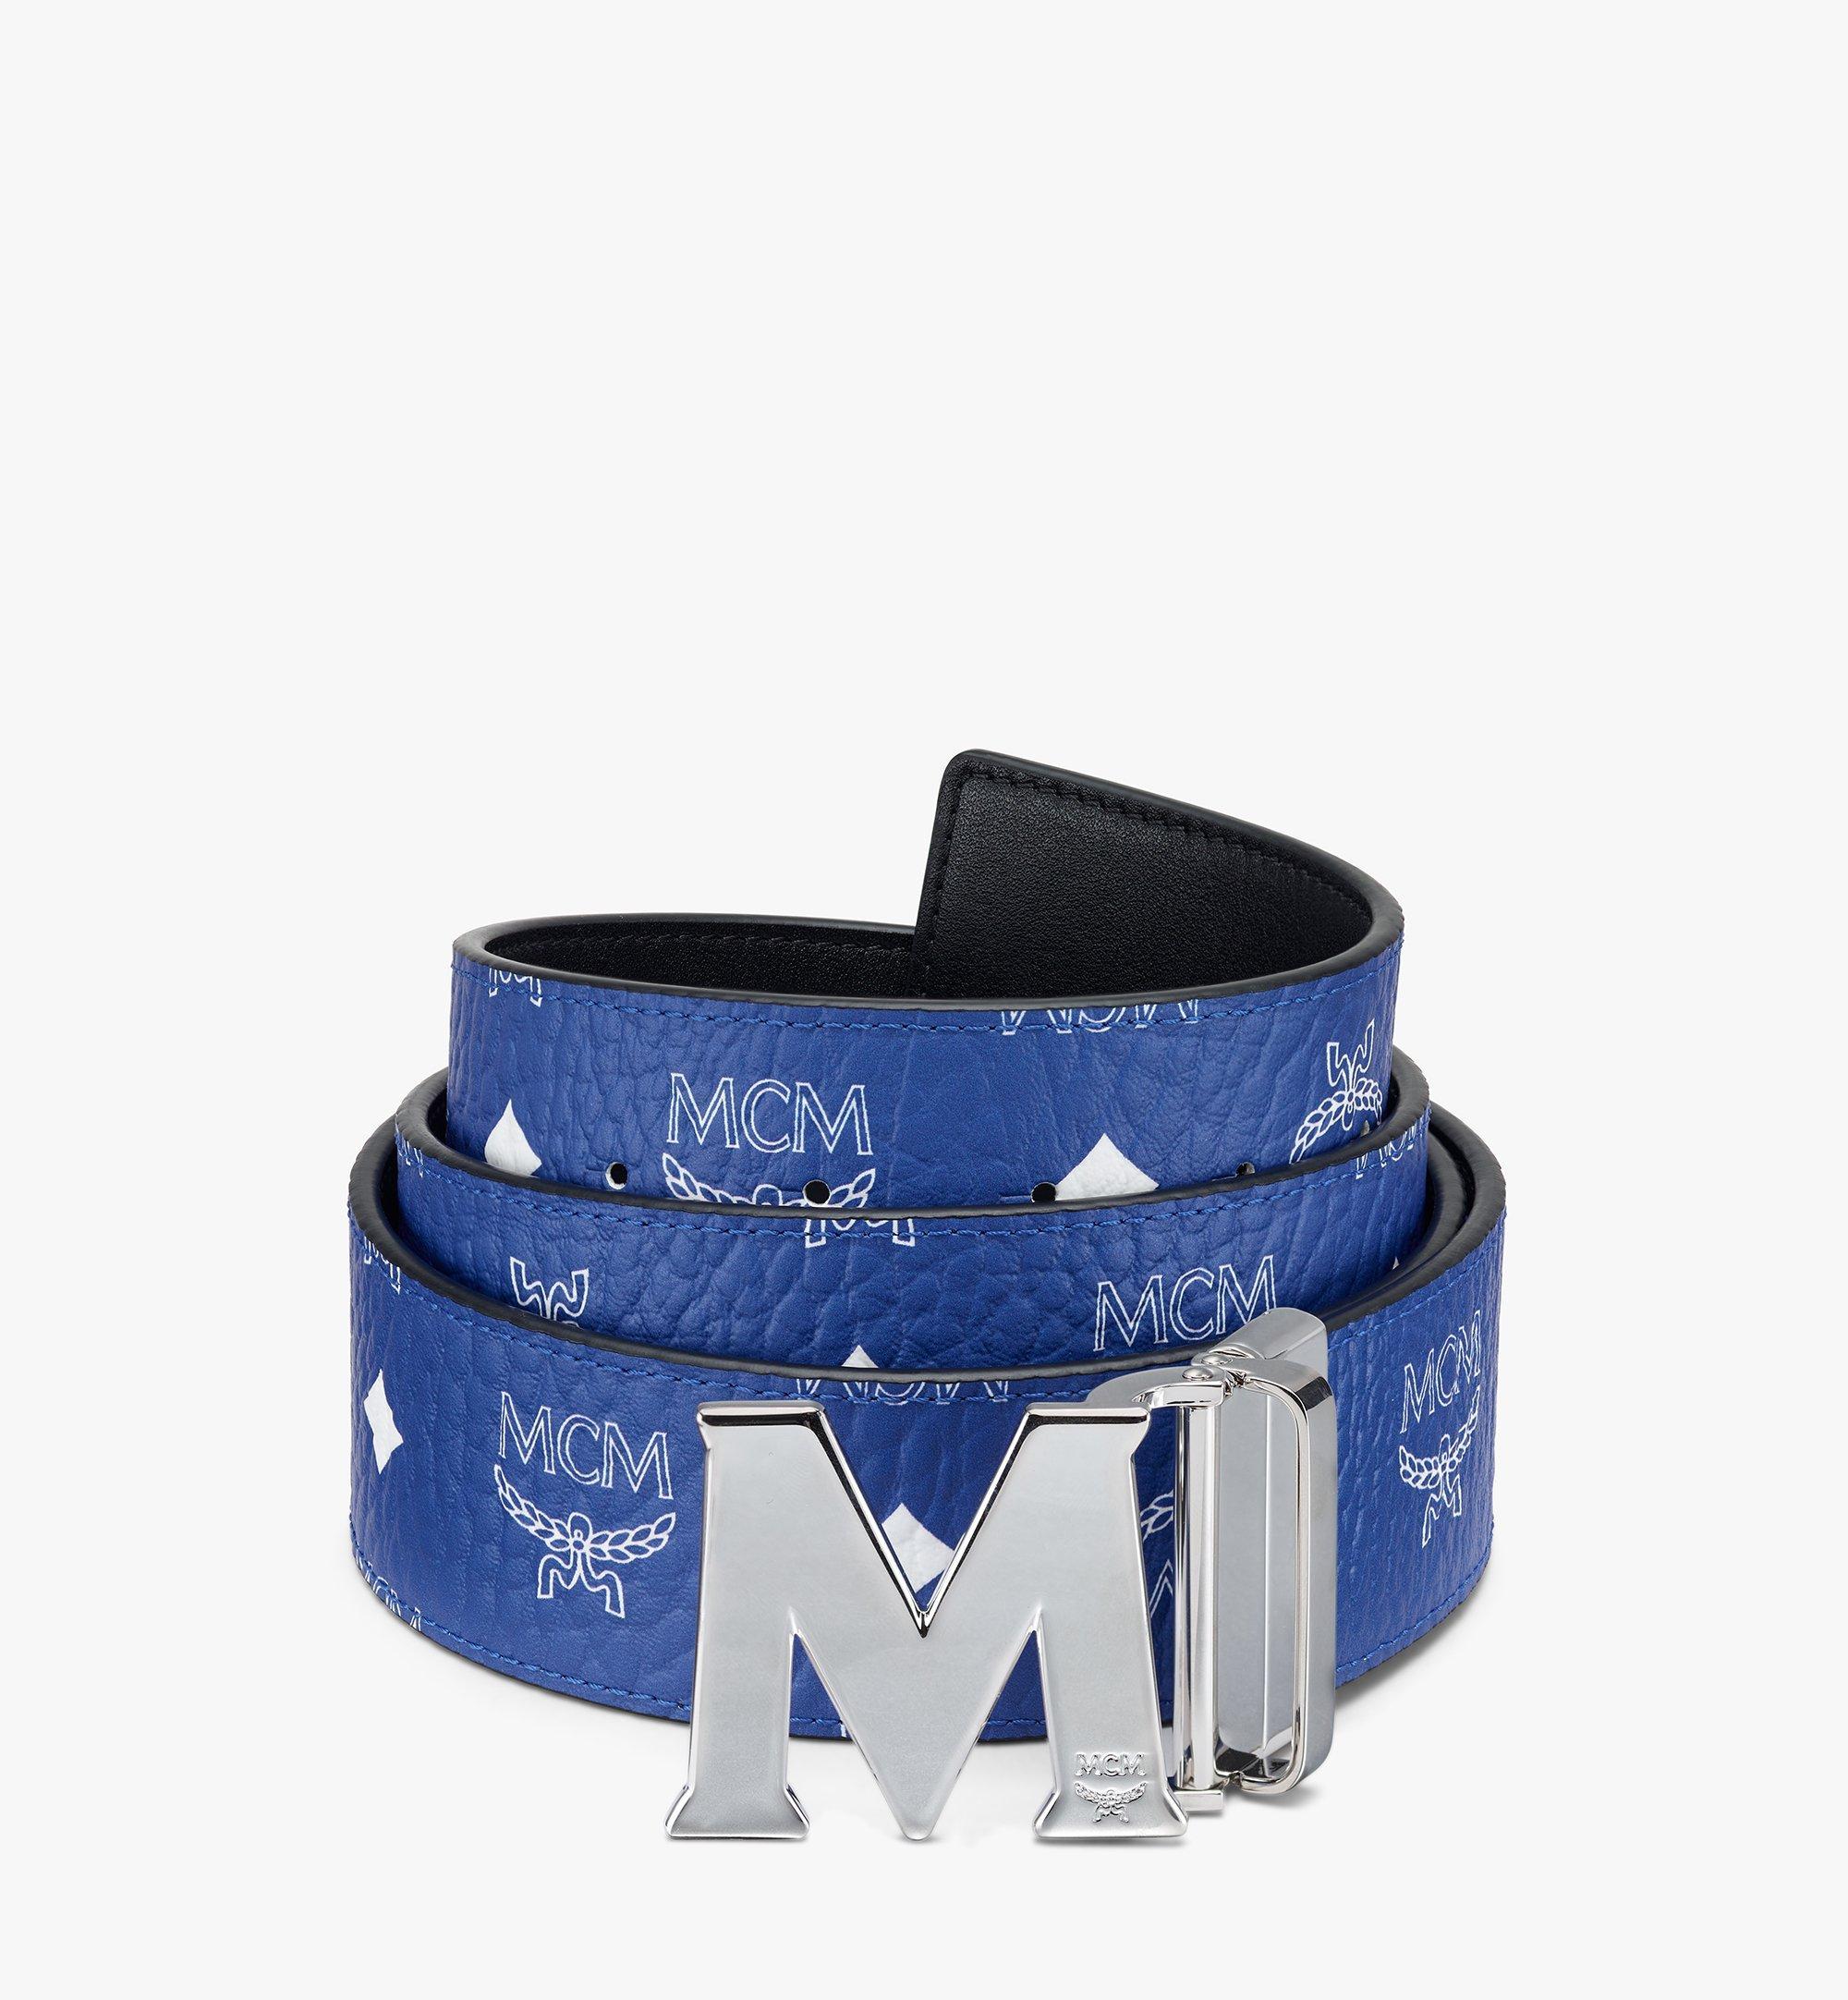 MCM Visetos 系列的 Claus M 1.75 吋可翻轉皮帶 Blue MXBASVI11H1001 更多視圖 1